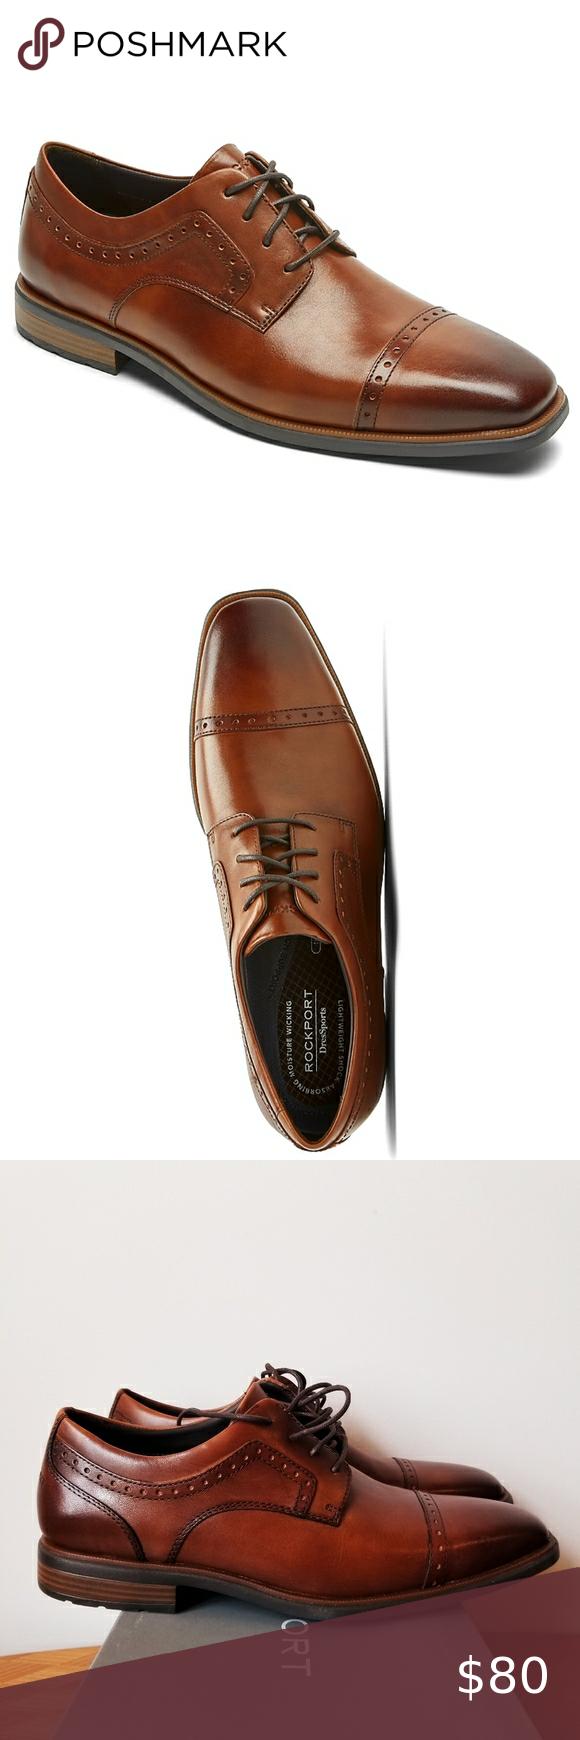 14+ Rockport mens dress shoe ideas in 2021